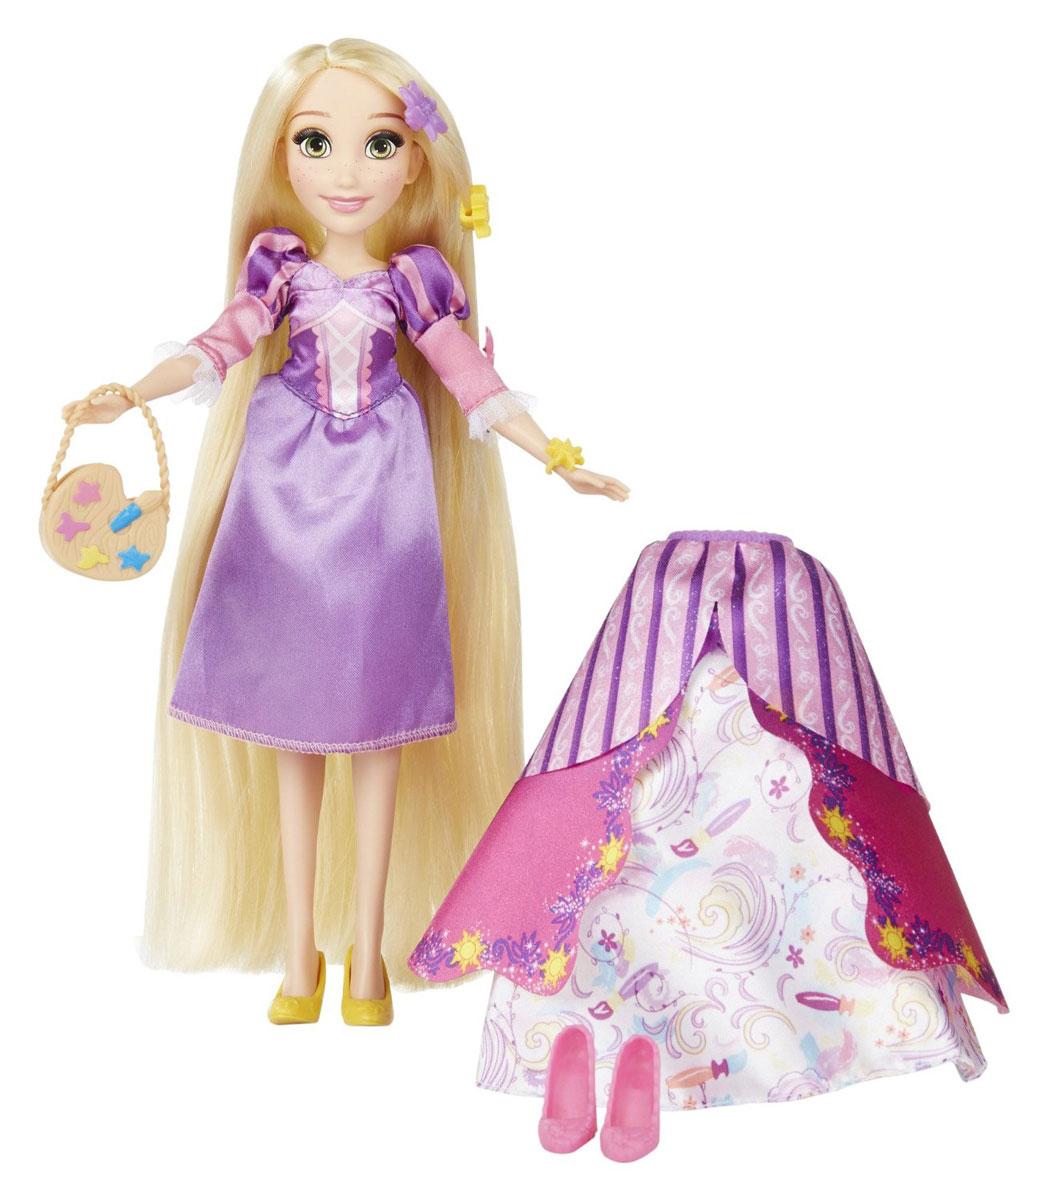 Disney Princess Кукла Рапунцель в платье со сменными юбками кукла рапунцель со светящимися волосами принцессы дисней